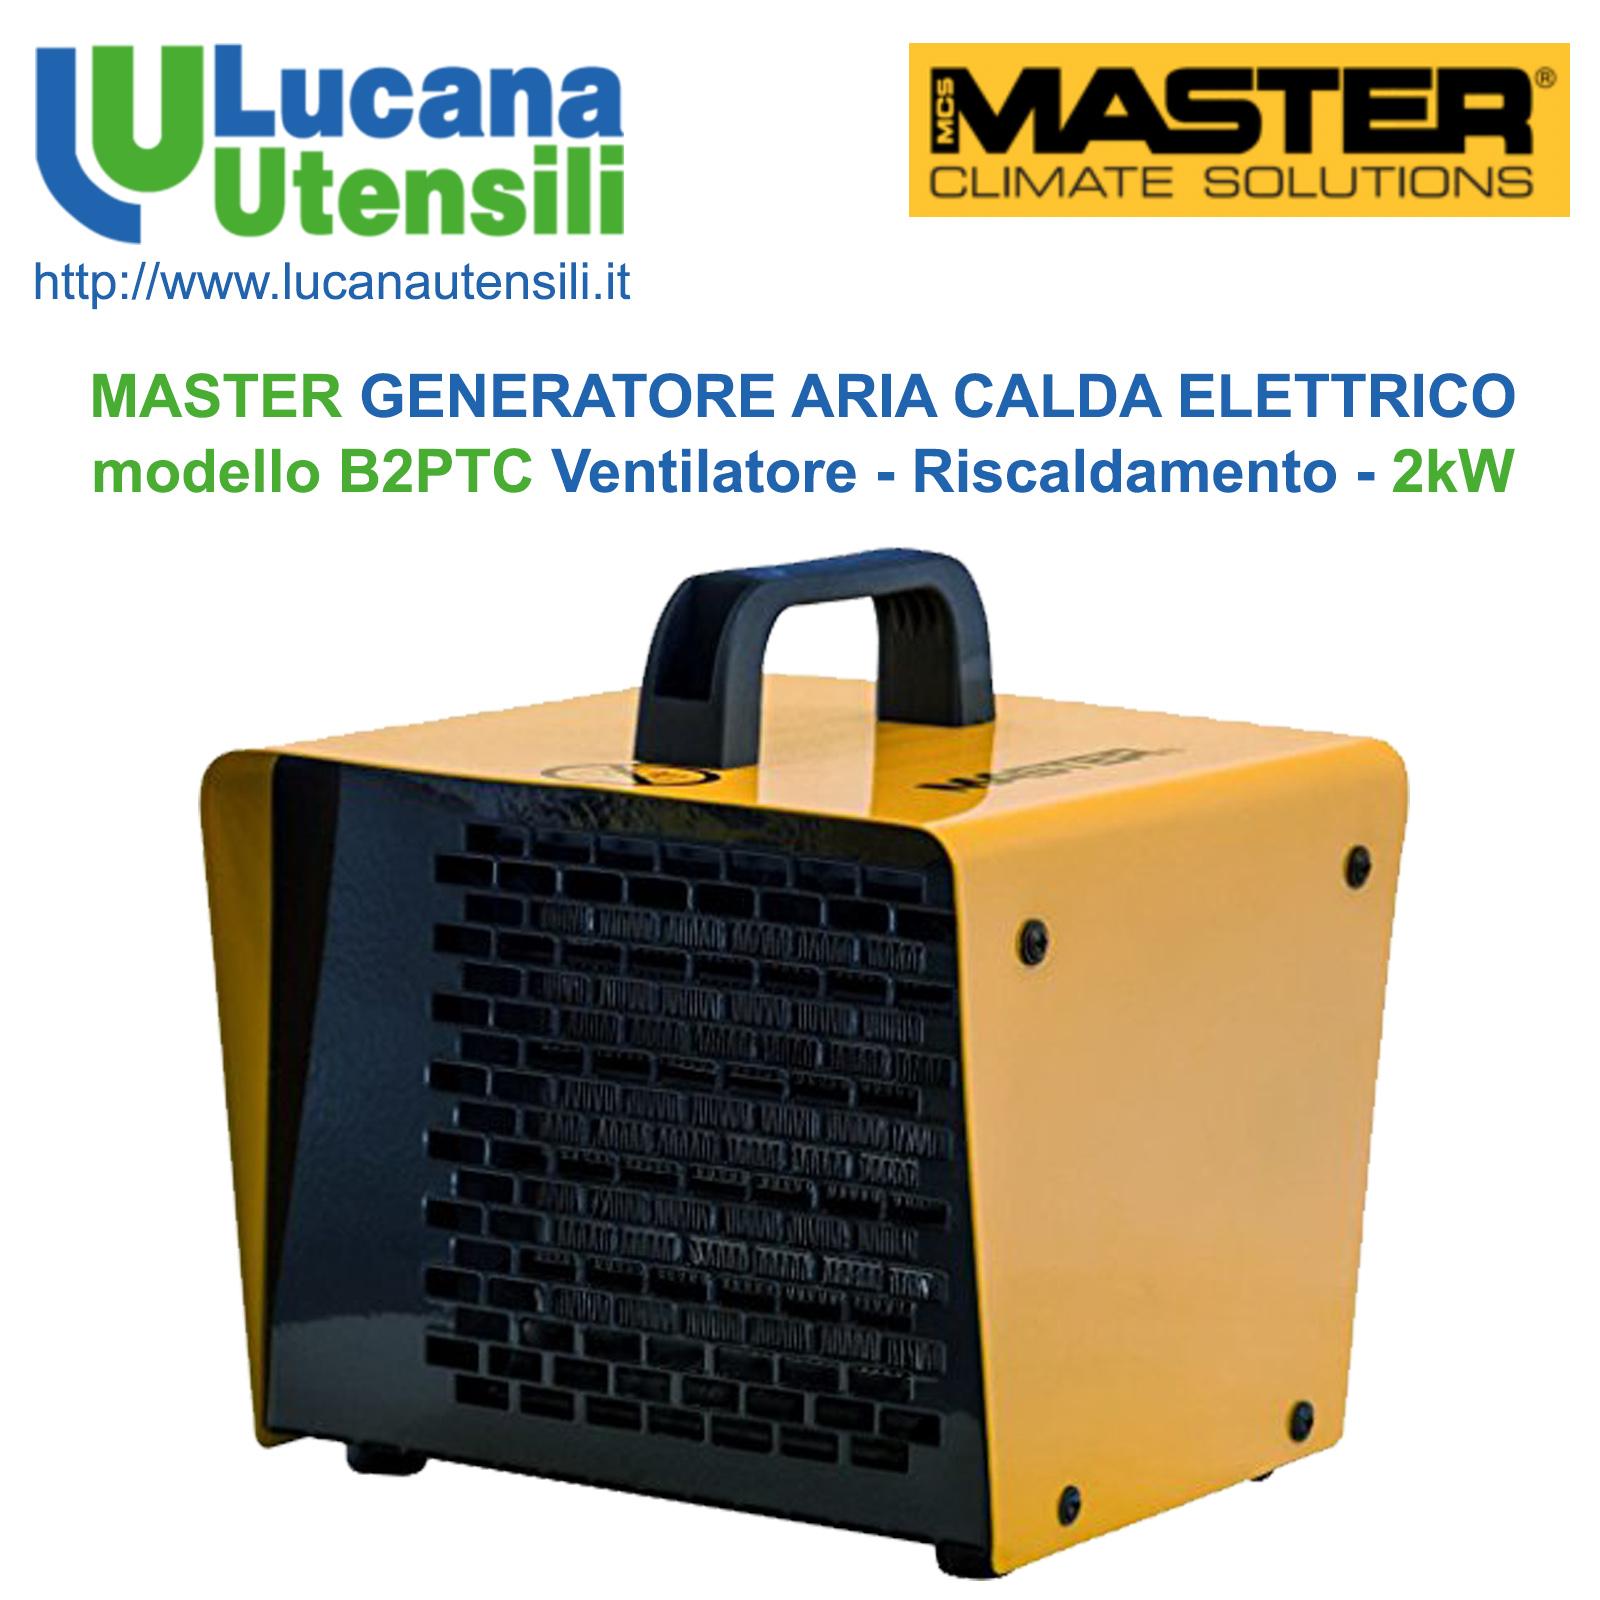 Riscaldamento Elettrico Ad Aria.Master Generatore Aria Calda Elettrico Modello B2ptc Ventilare